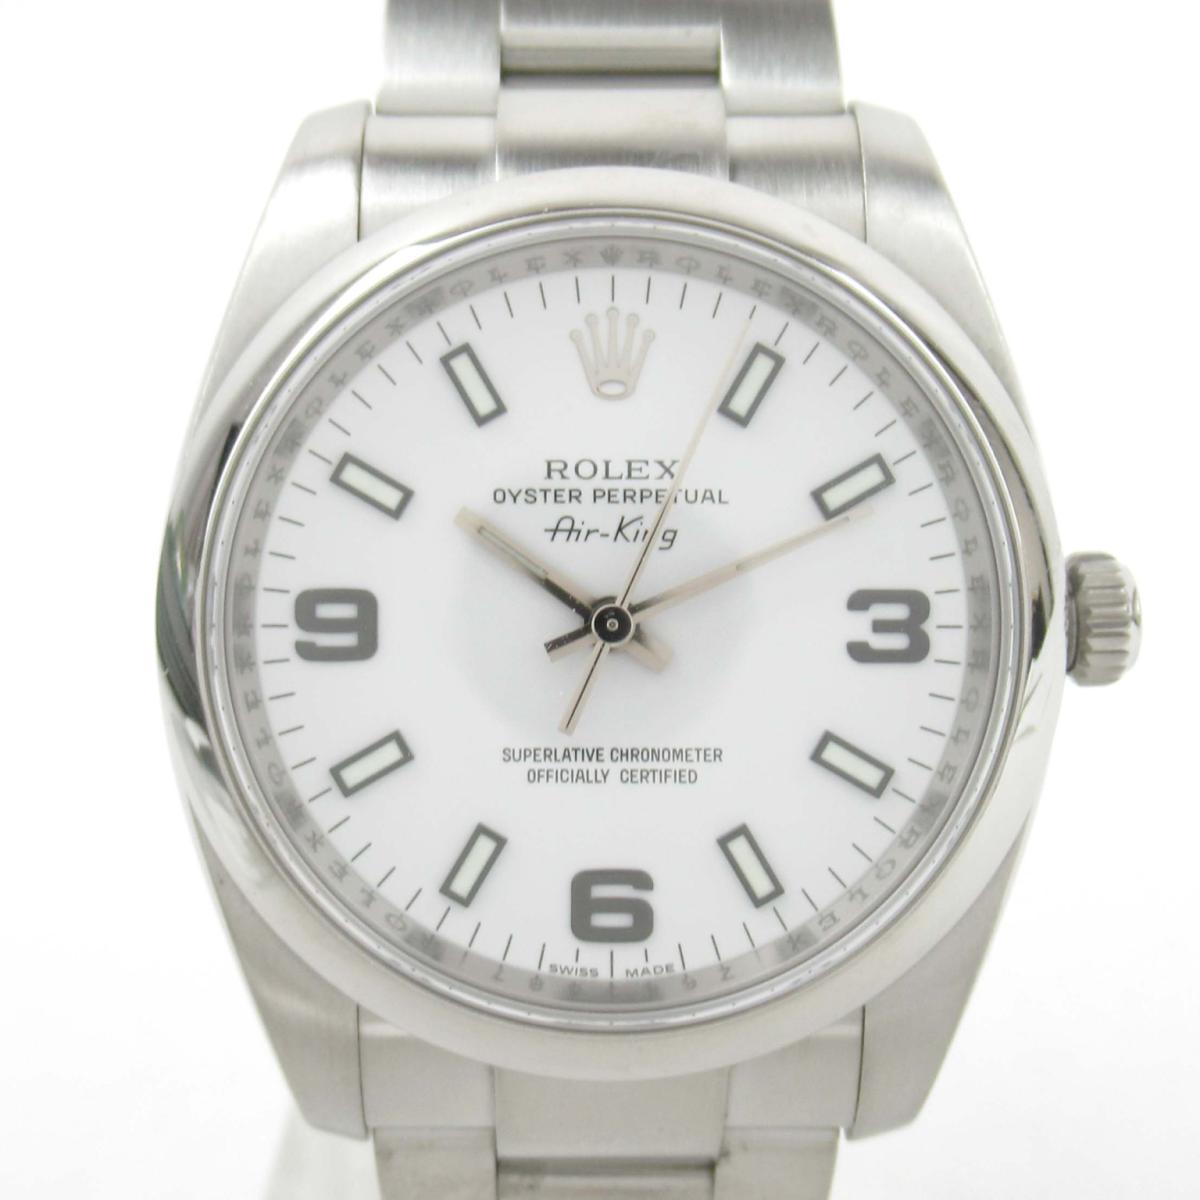 輝く高品質な ロレックス エアキング | ウォッチ 腕時計 時計 BRANDOFF メンズ エアキング ステンレススチール (SS) (114200 Z番)【】 | ROLEX BRANDOFF ブランドオフ ブランド ブランド時計 ブランド腕時計, colettecolette コレットコレット:55a3003f --- baecker-innung-westfalen-sued.de